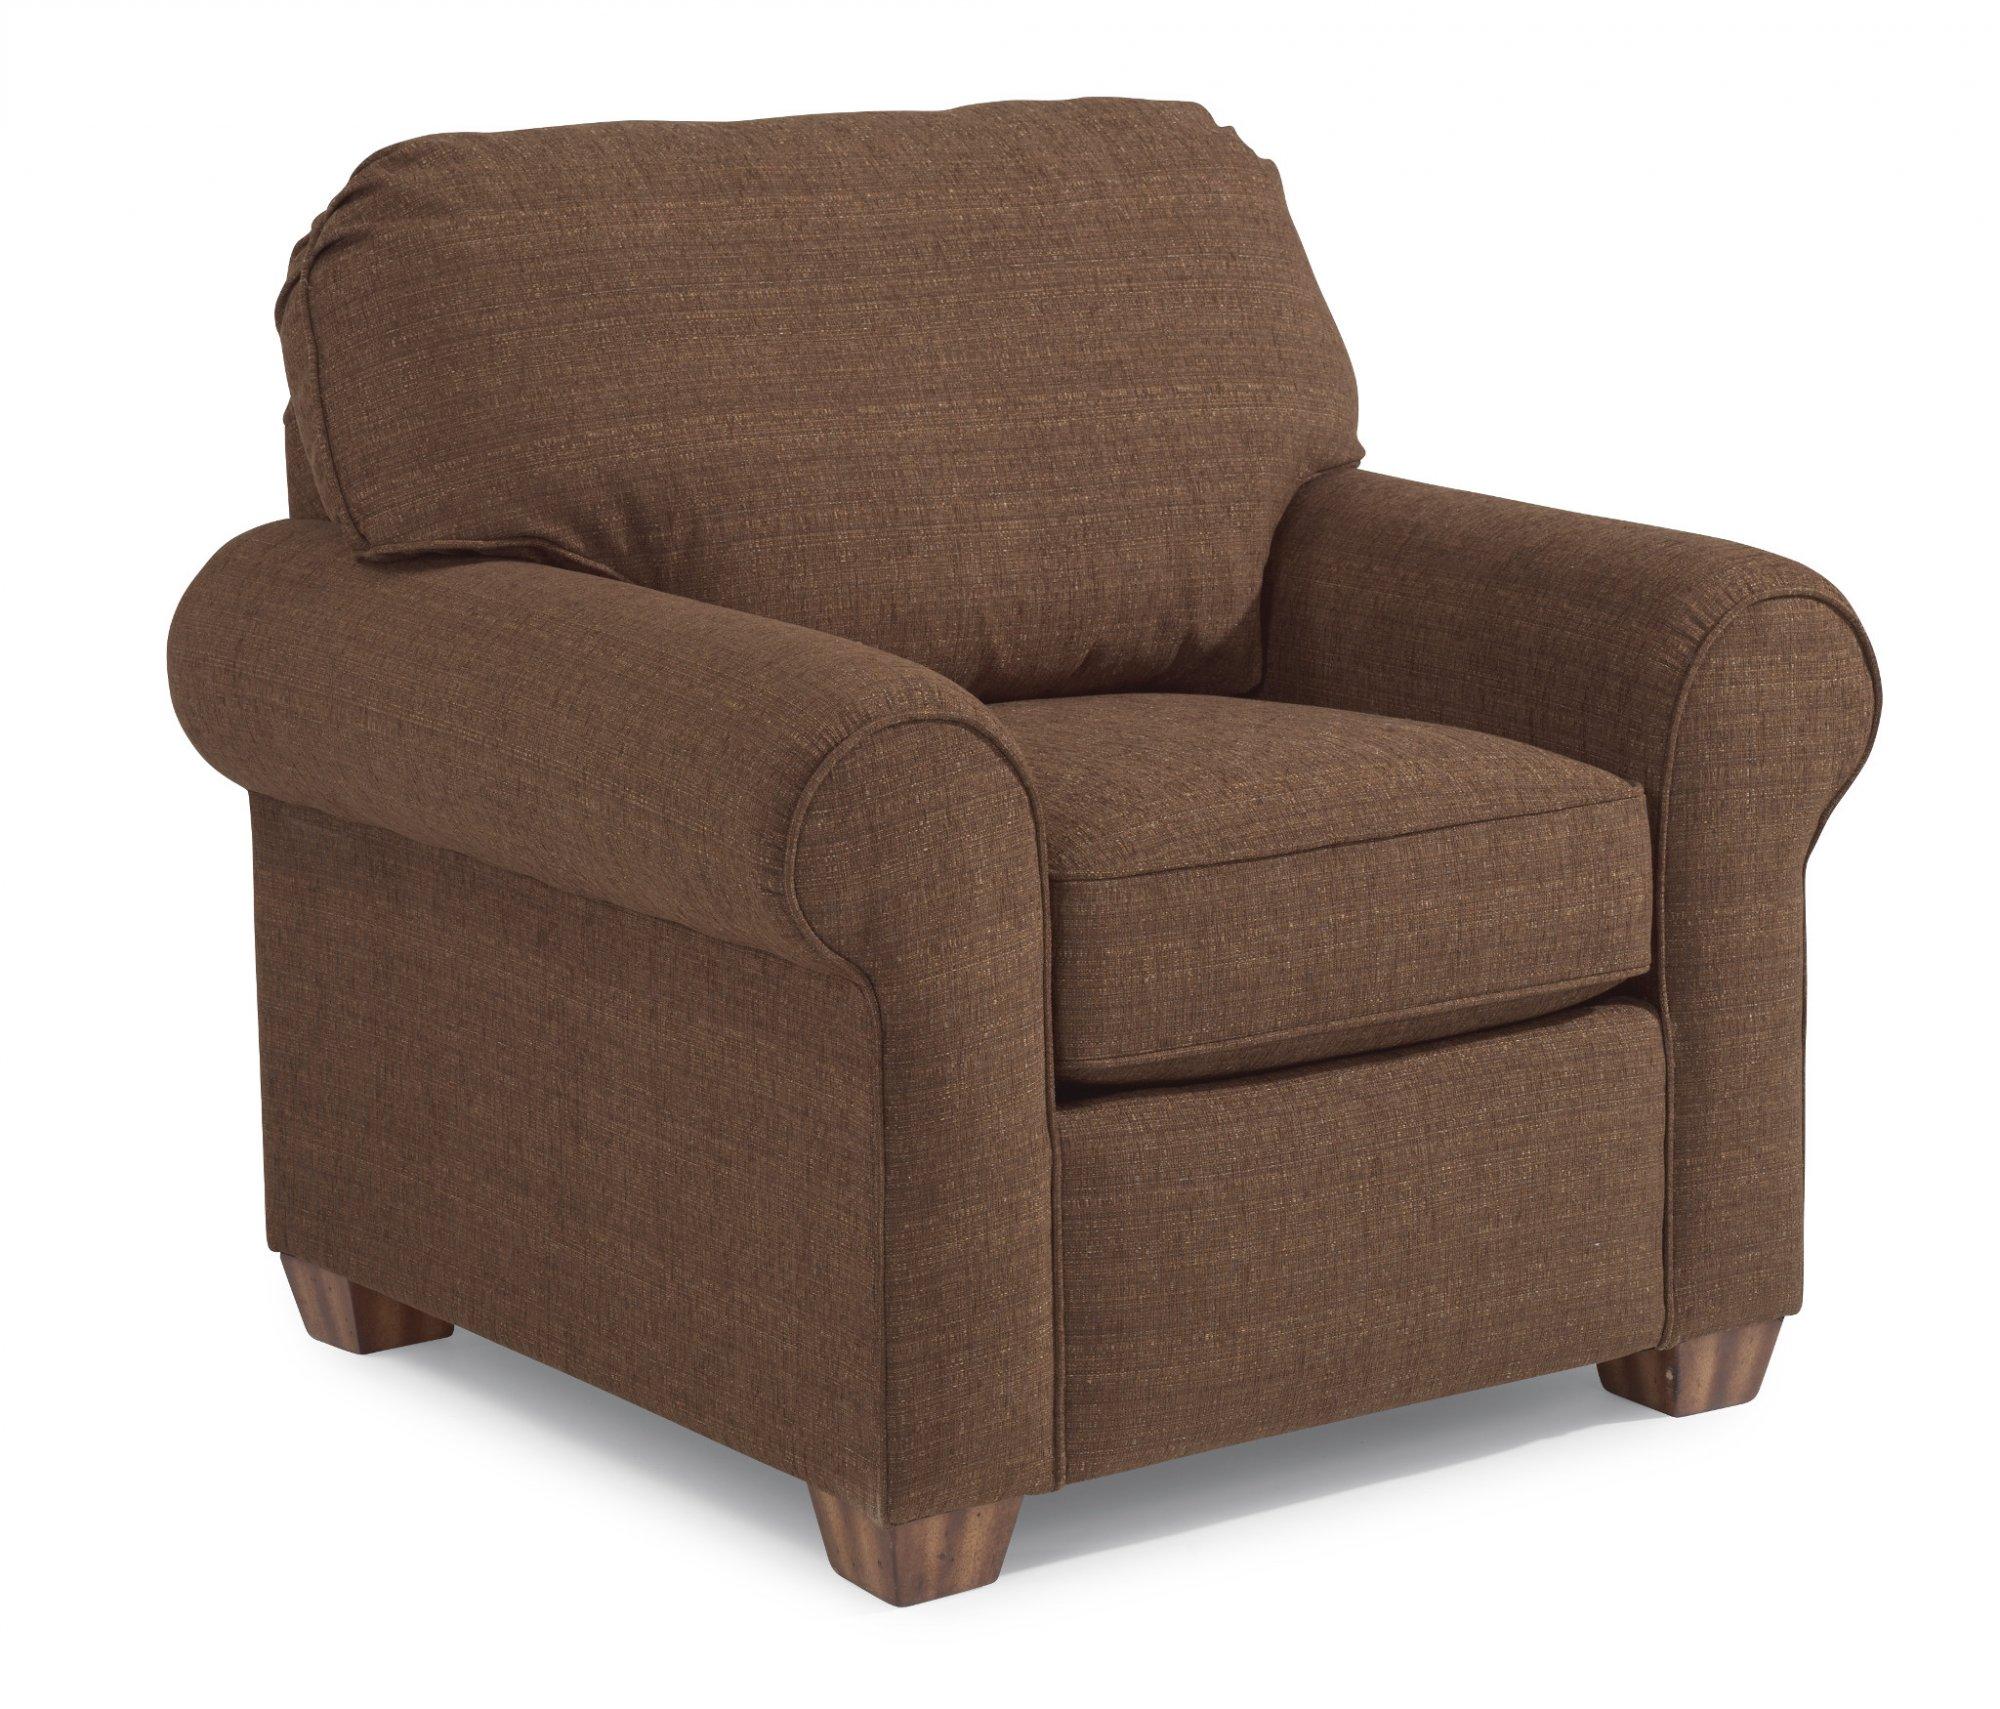 Enjoyable Flexsteel 5535 10 Thornton Fabric Chair Highway Creativecarmelina Interior Chair Design Creativecarmelinacom